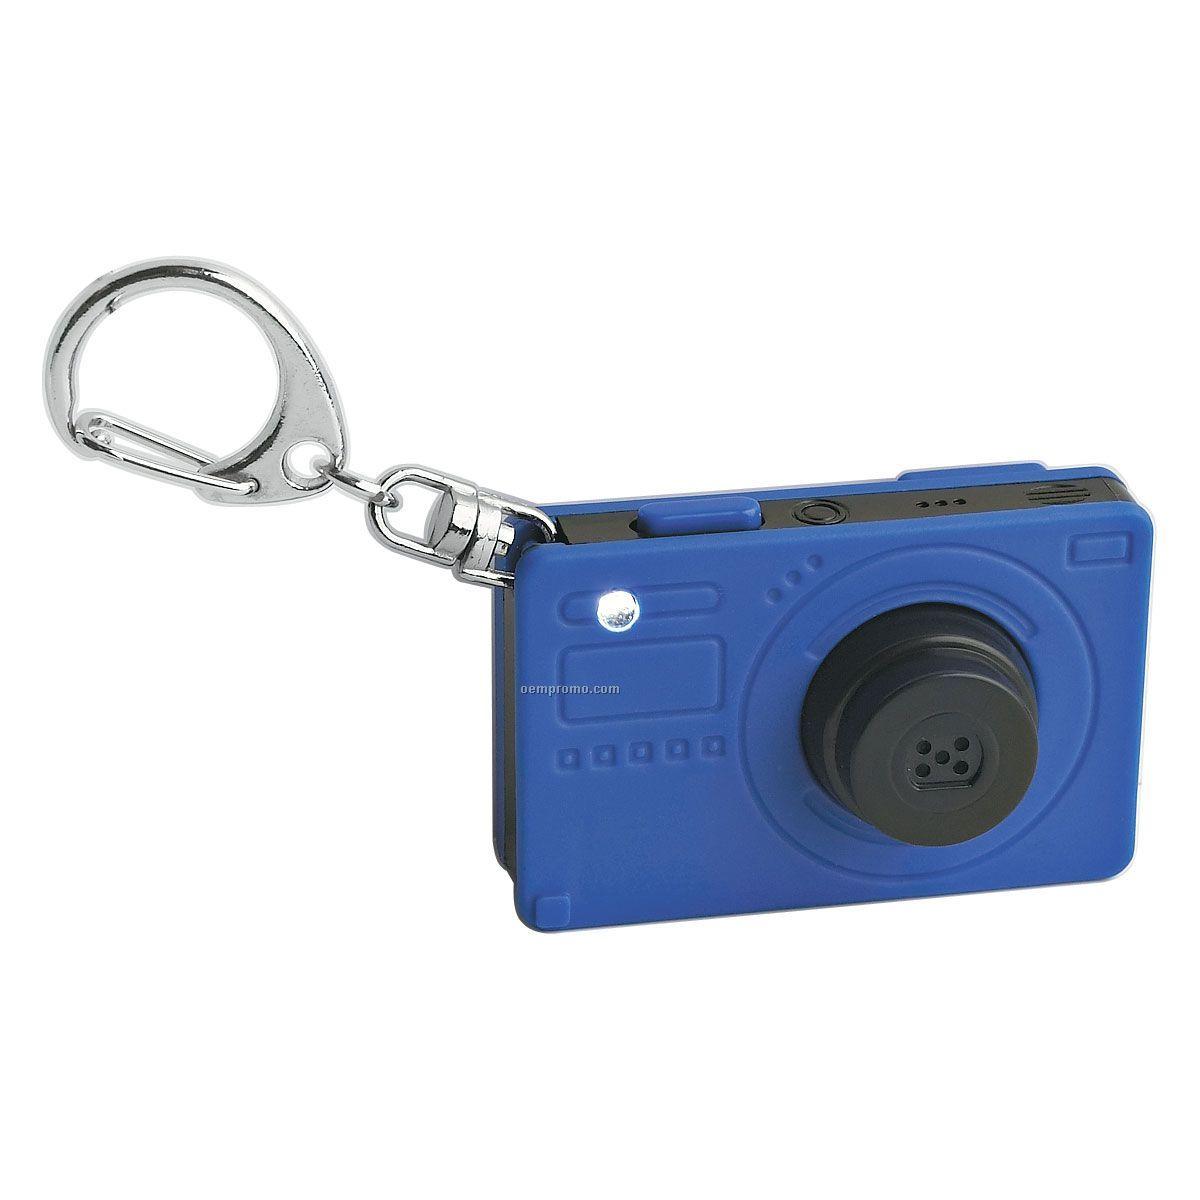 Keychain Camera W/ Light & Sound - Blue